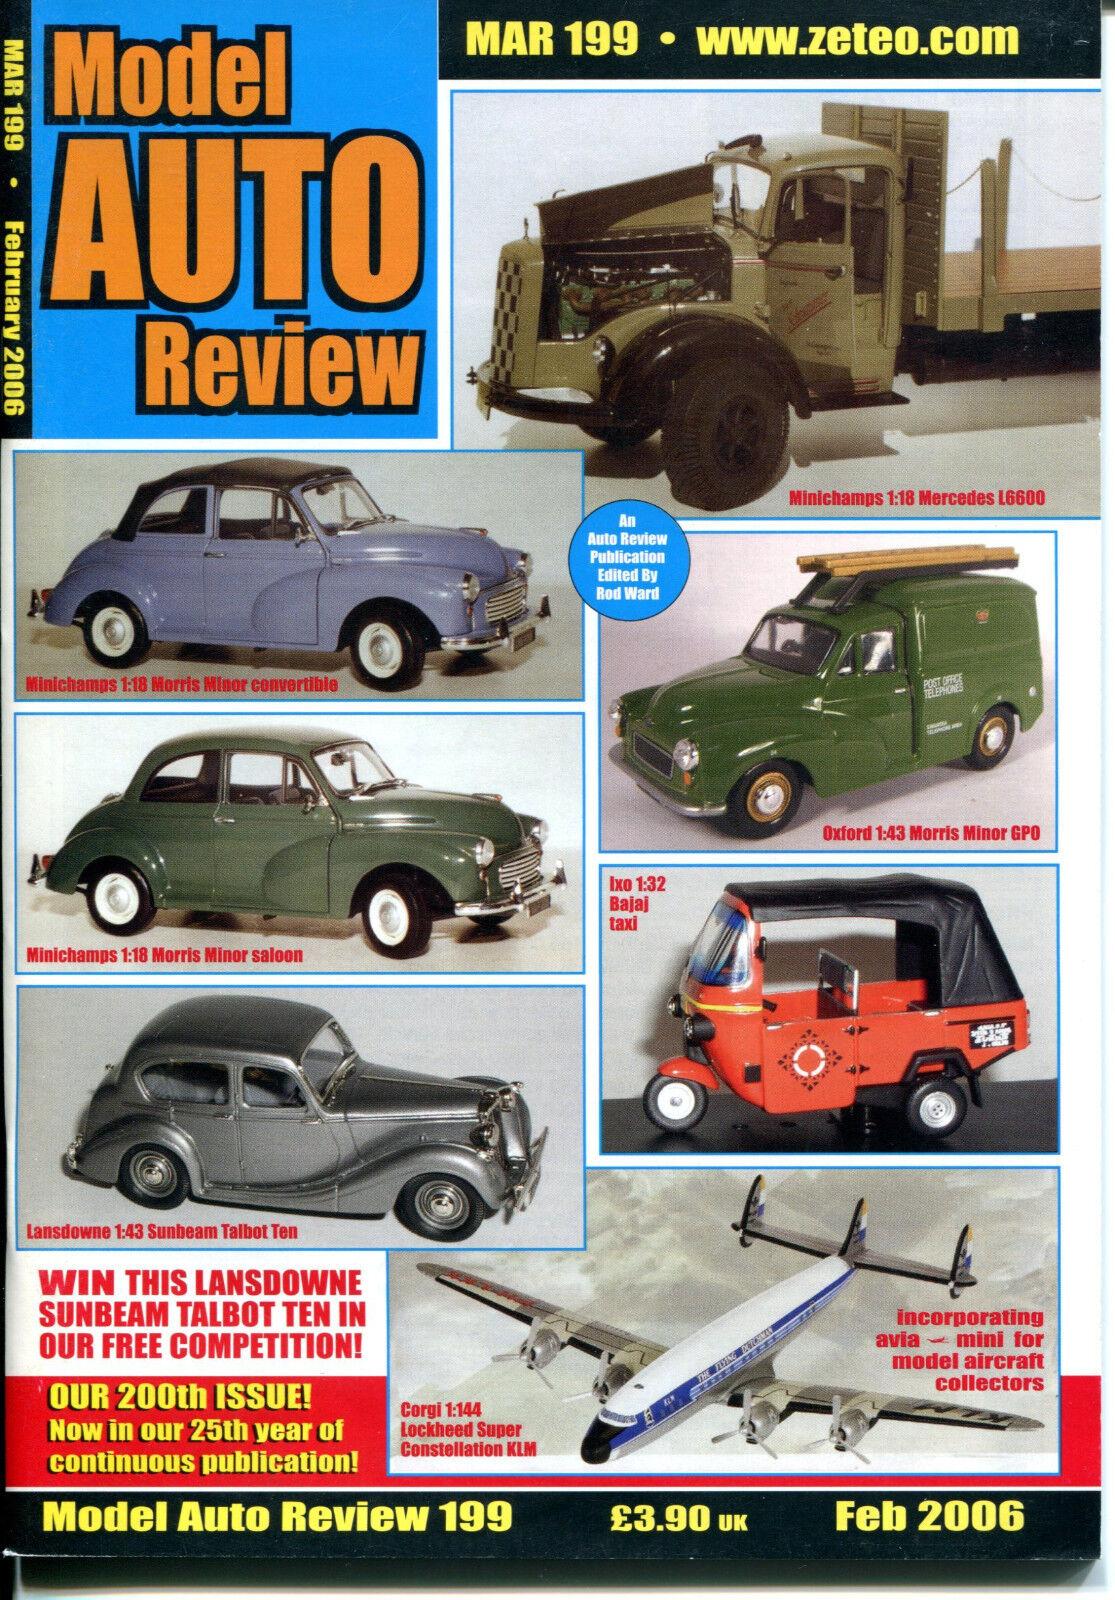 modello AUTO REVIEW (MAR) Magazine  (2006) specialee Bundle Offer - 9 nuovo ISSUES   il più recente